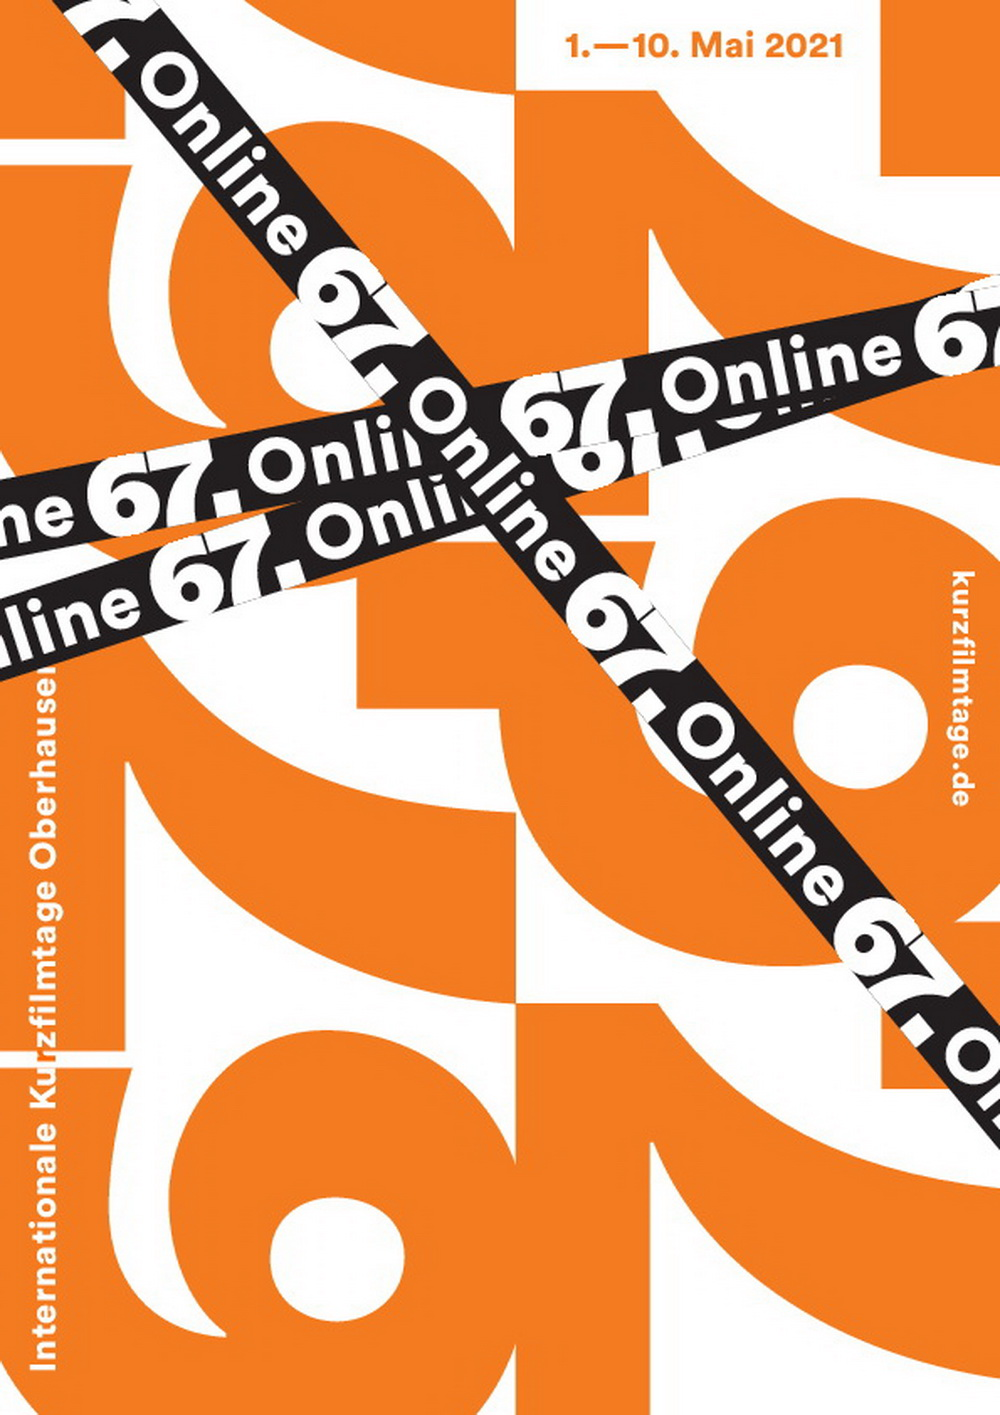 Sich selber treu und digital: Die 67. Ausgabe der Kurzfilmtage (© Kurzfilmtage Oberhausen)